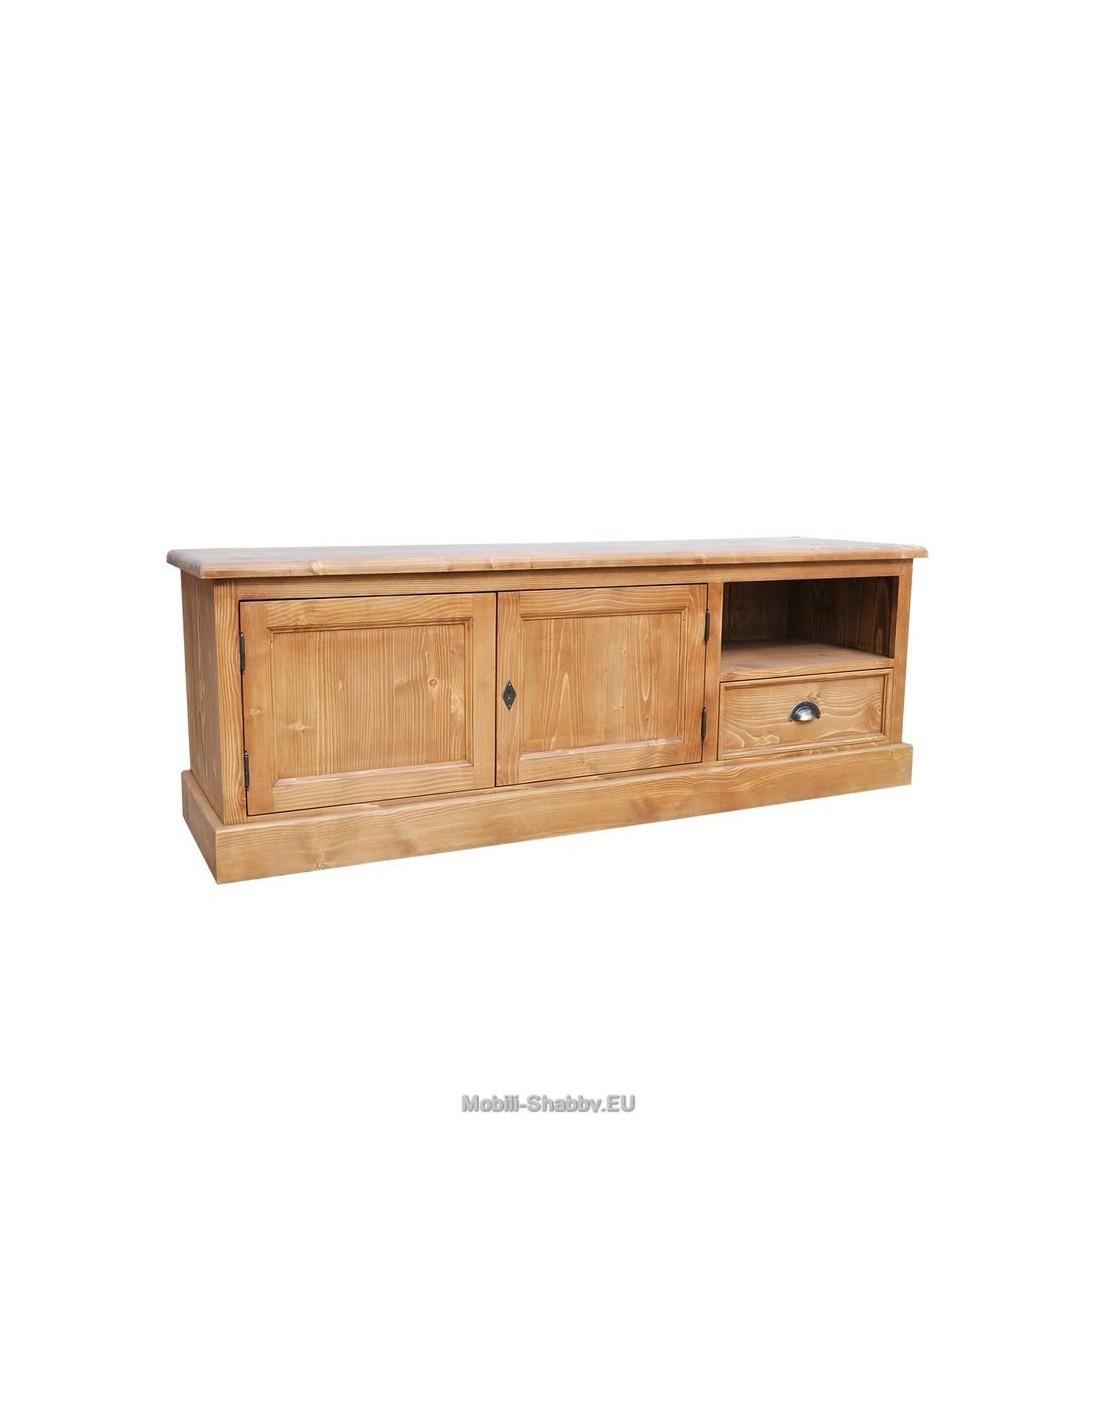 Credenza porta tv legno massello colorata ms101 mobili for Credenza colorata